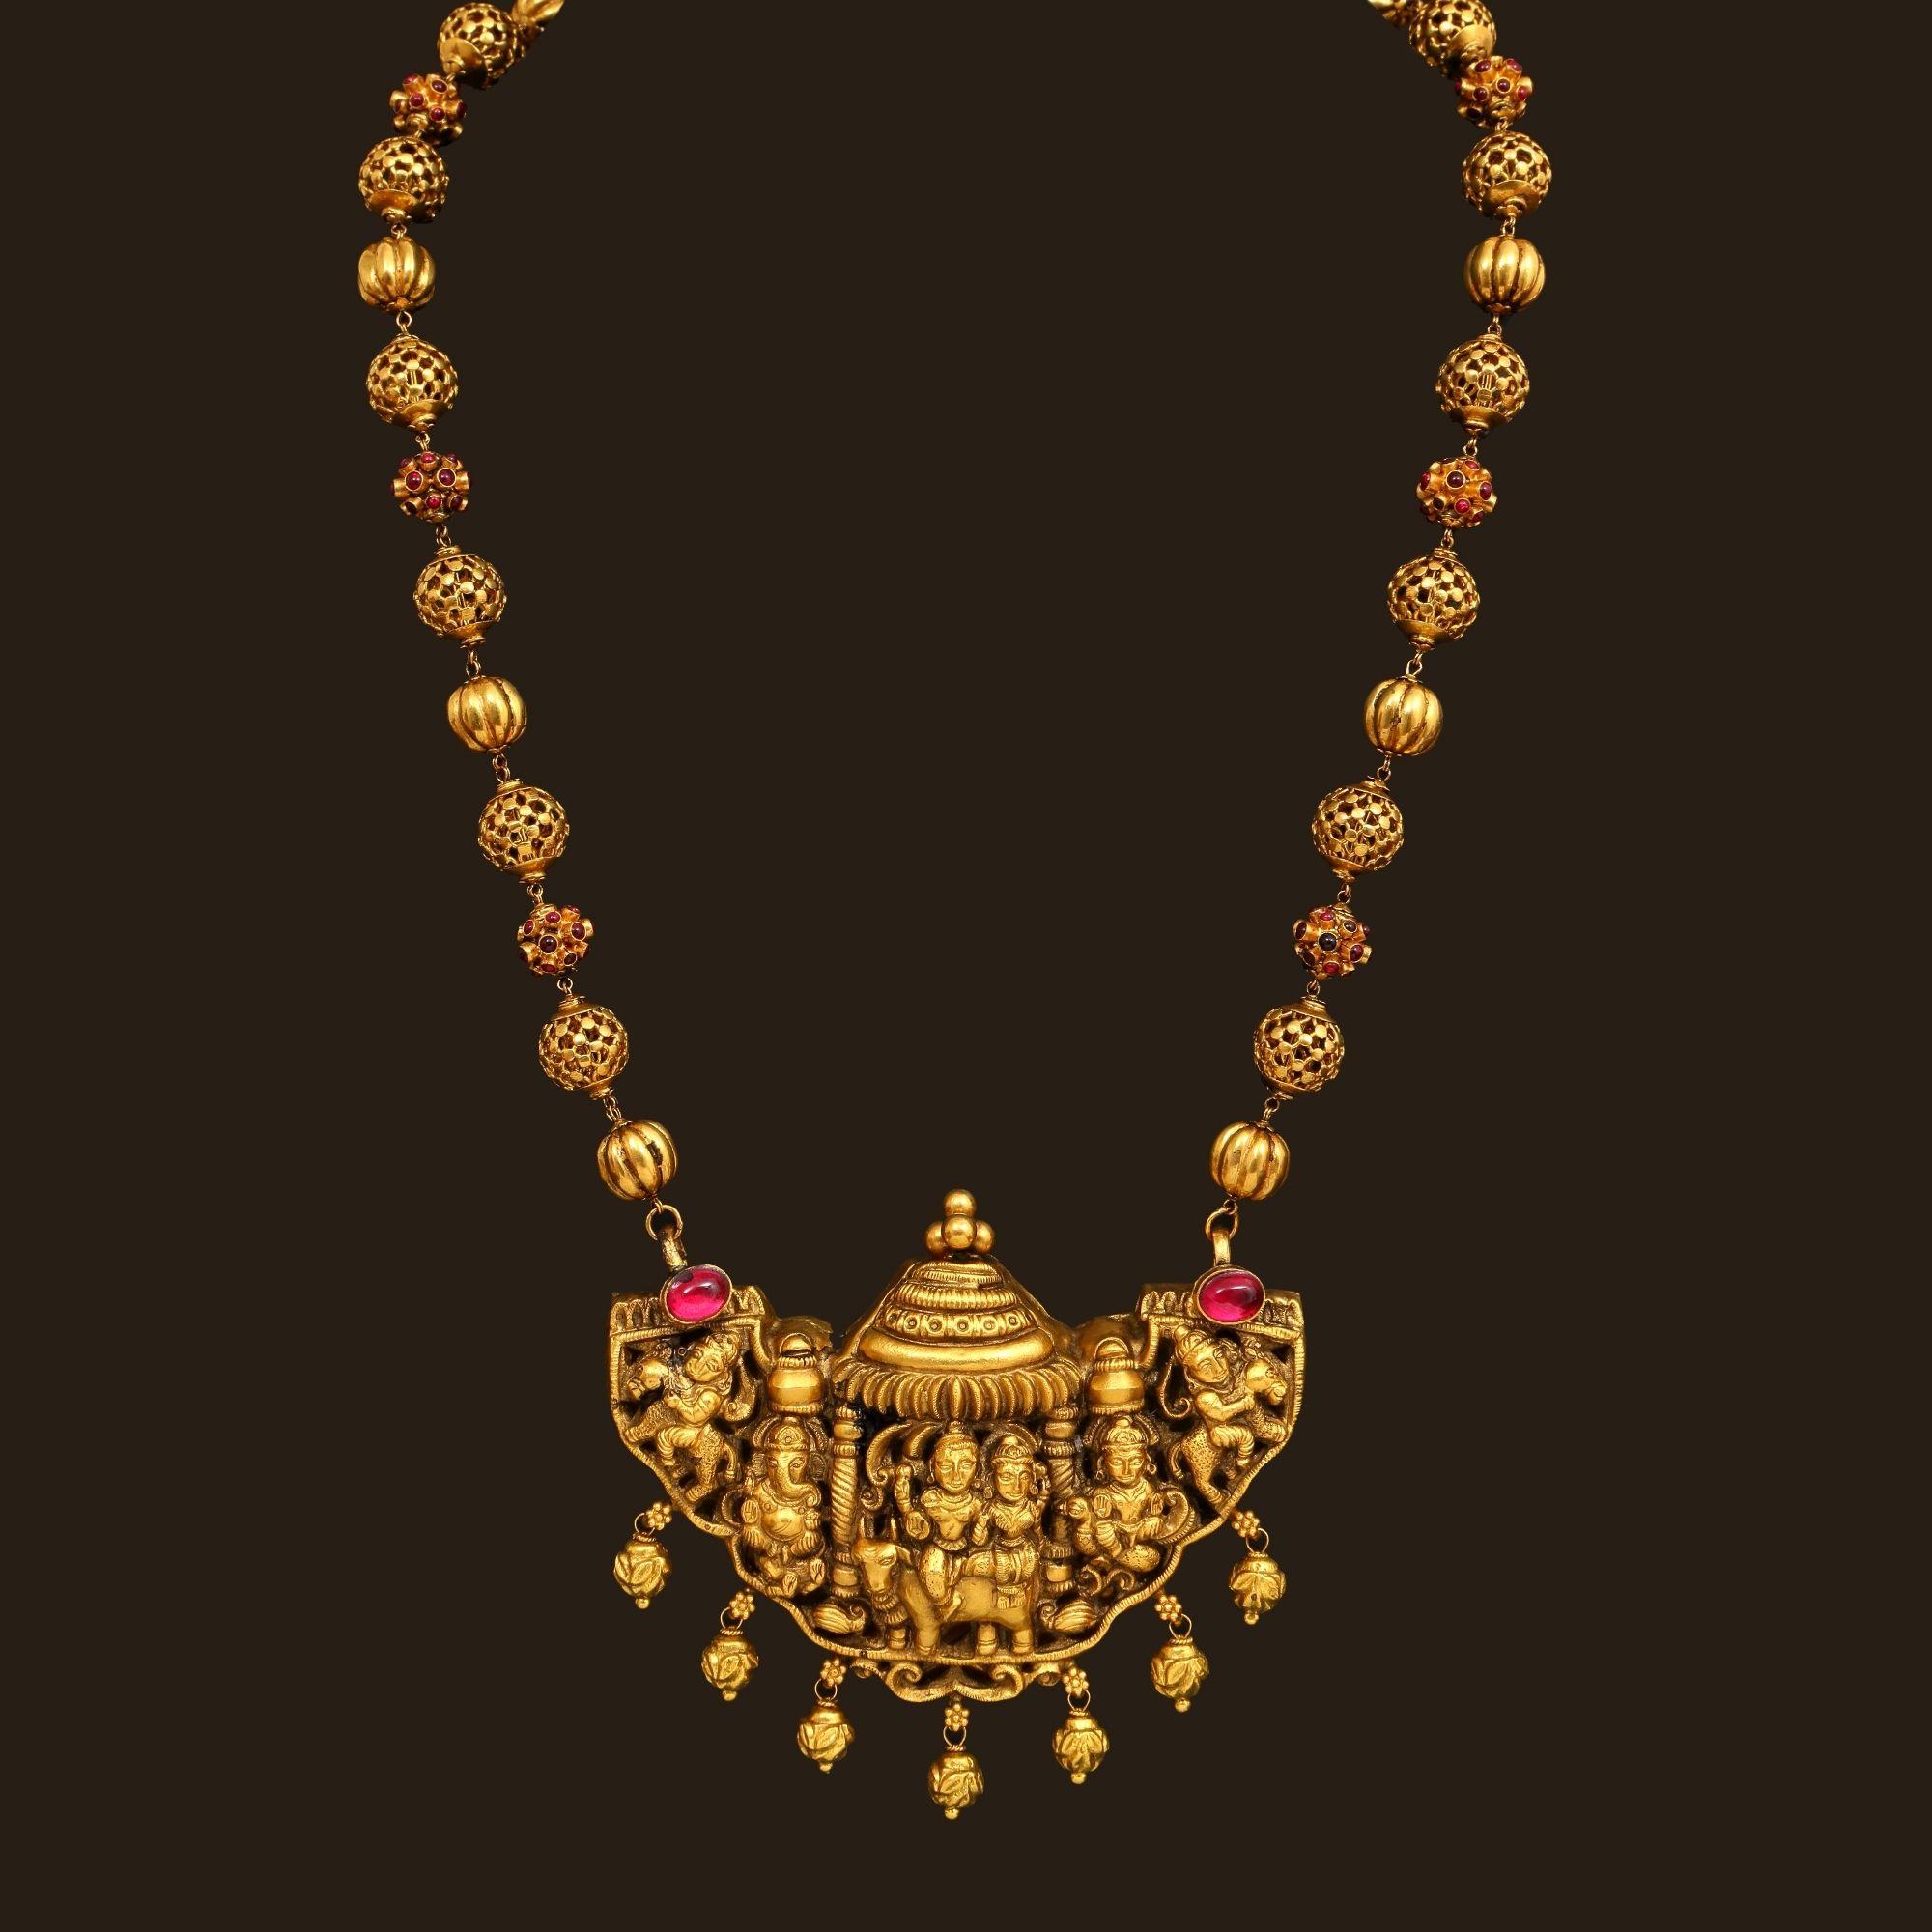 Gold Nagas Haram 110a14211 Vummidi Bangaru Jewellers